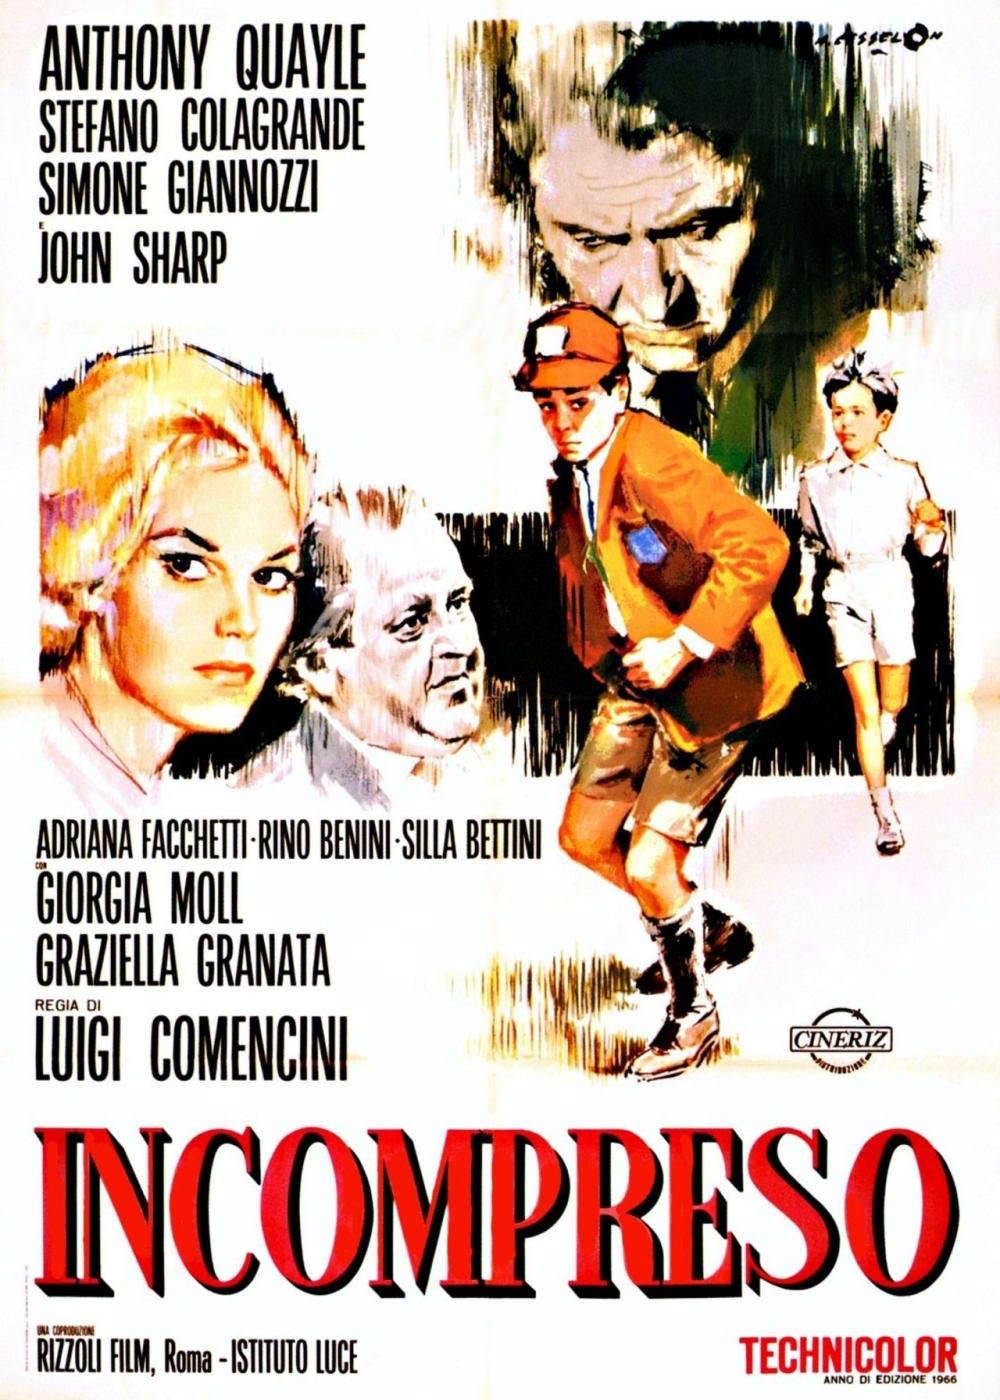 Der Unverstandene Film